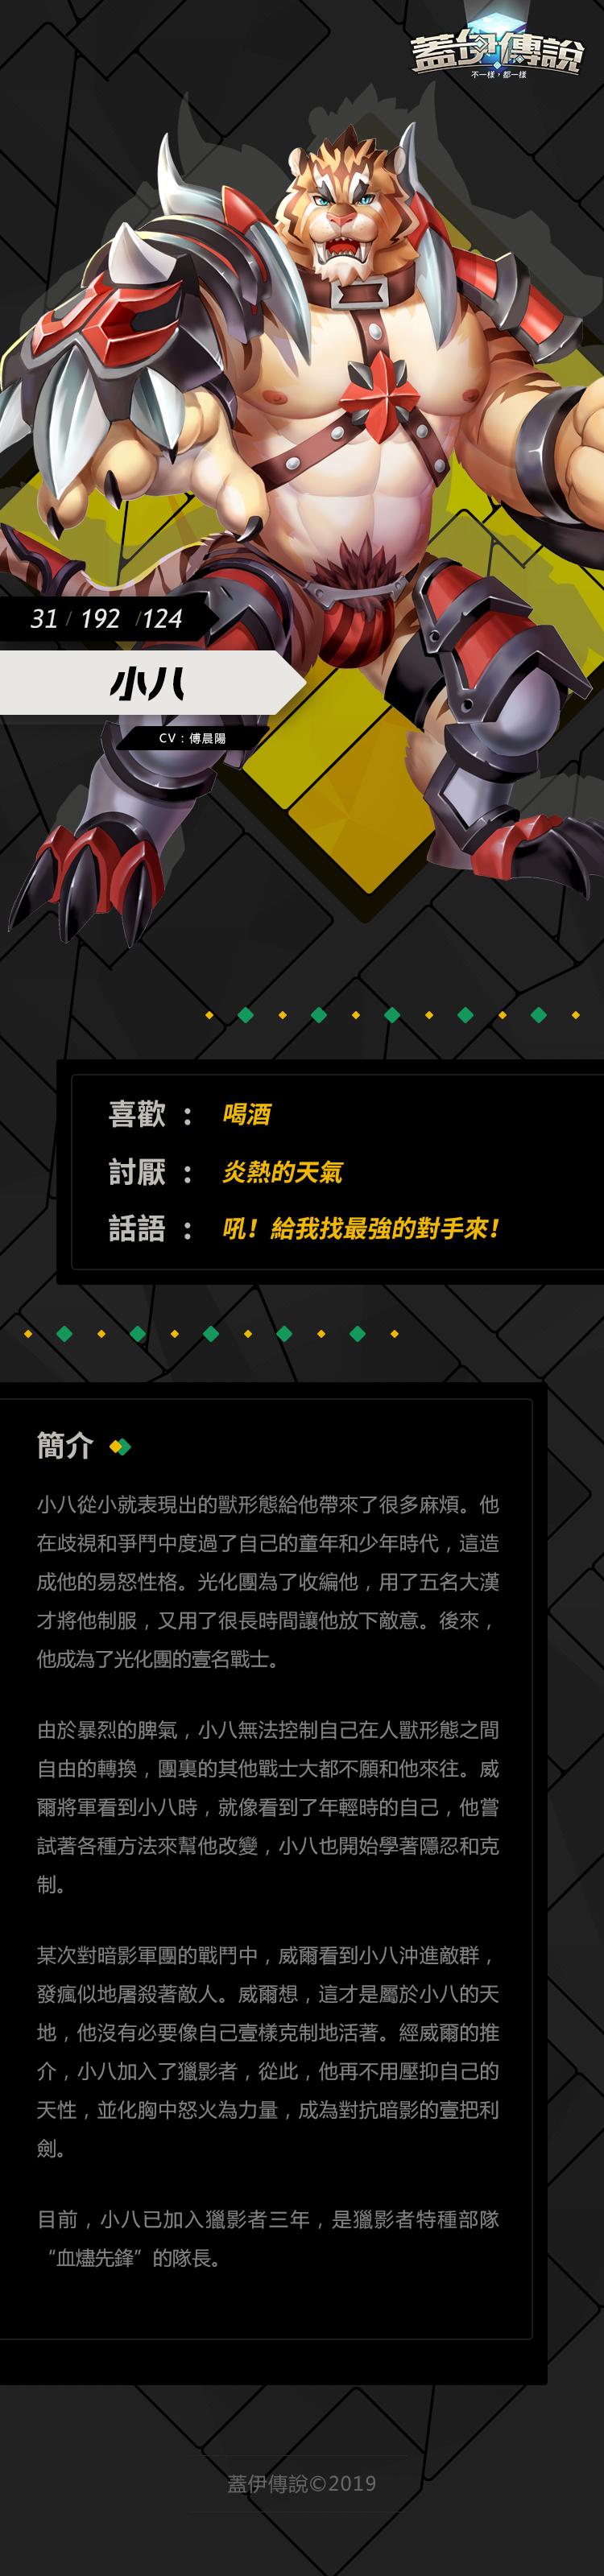 新年快樂!暨01月2日停機維護公告-xiaoba.png